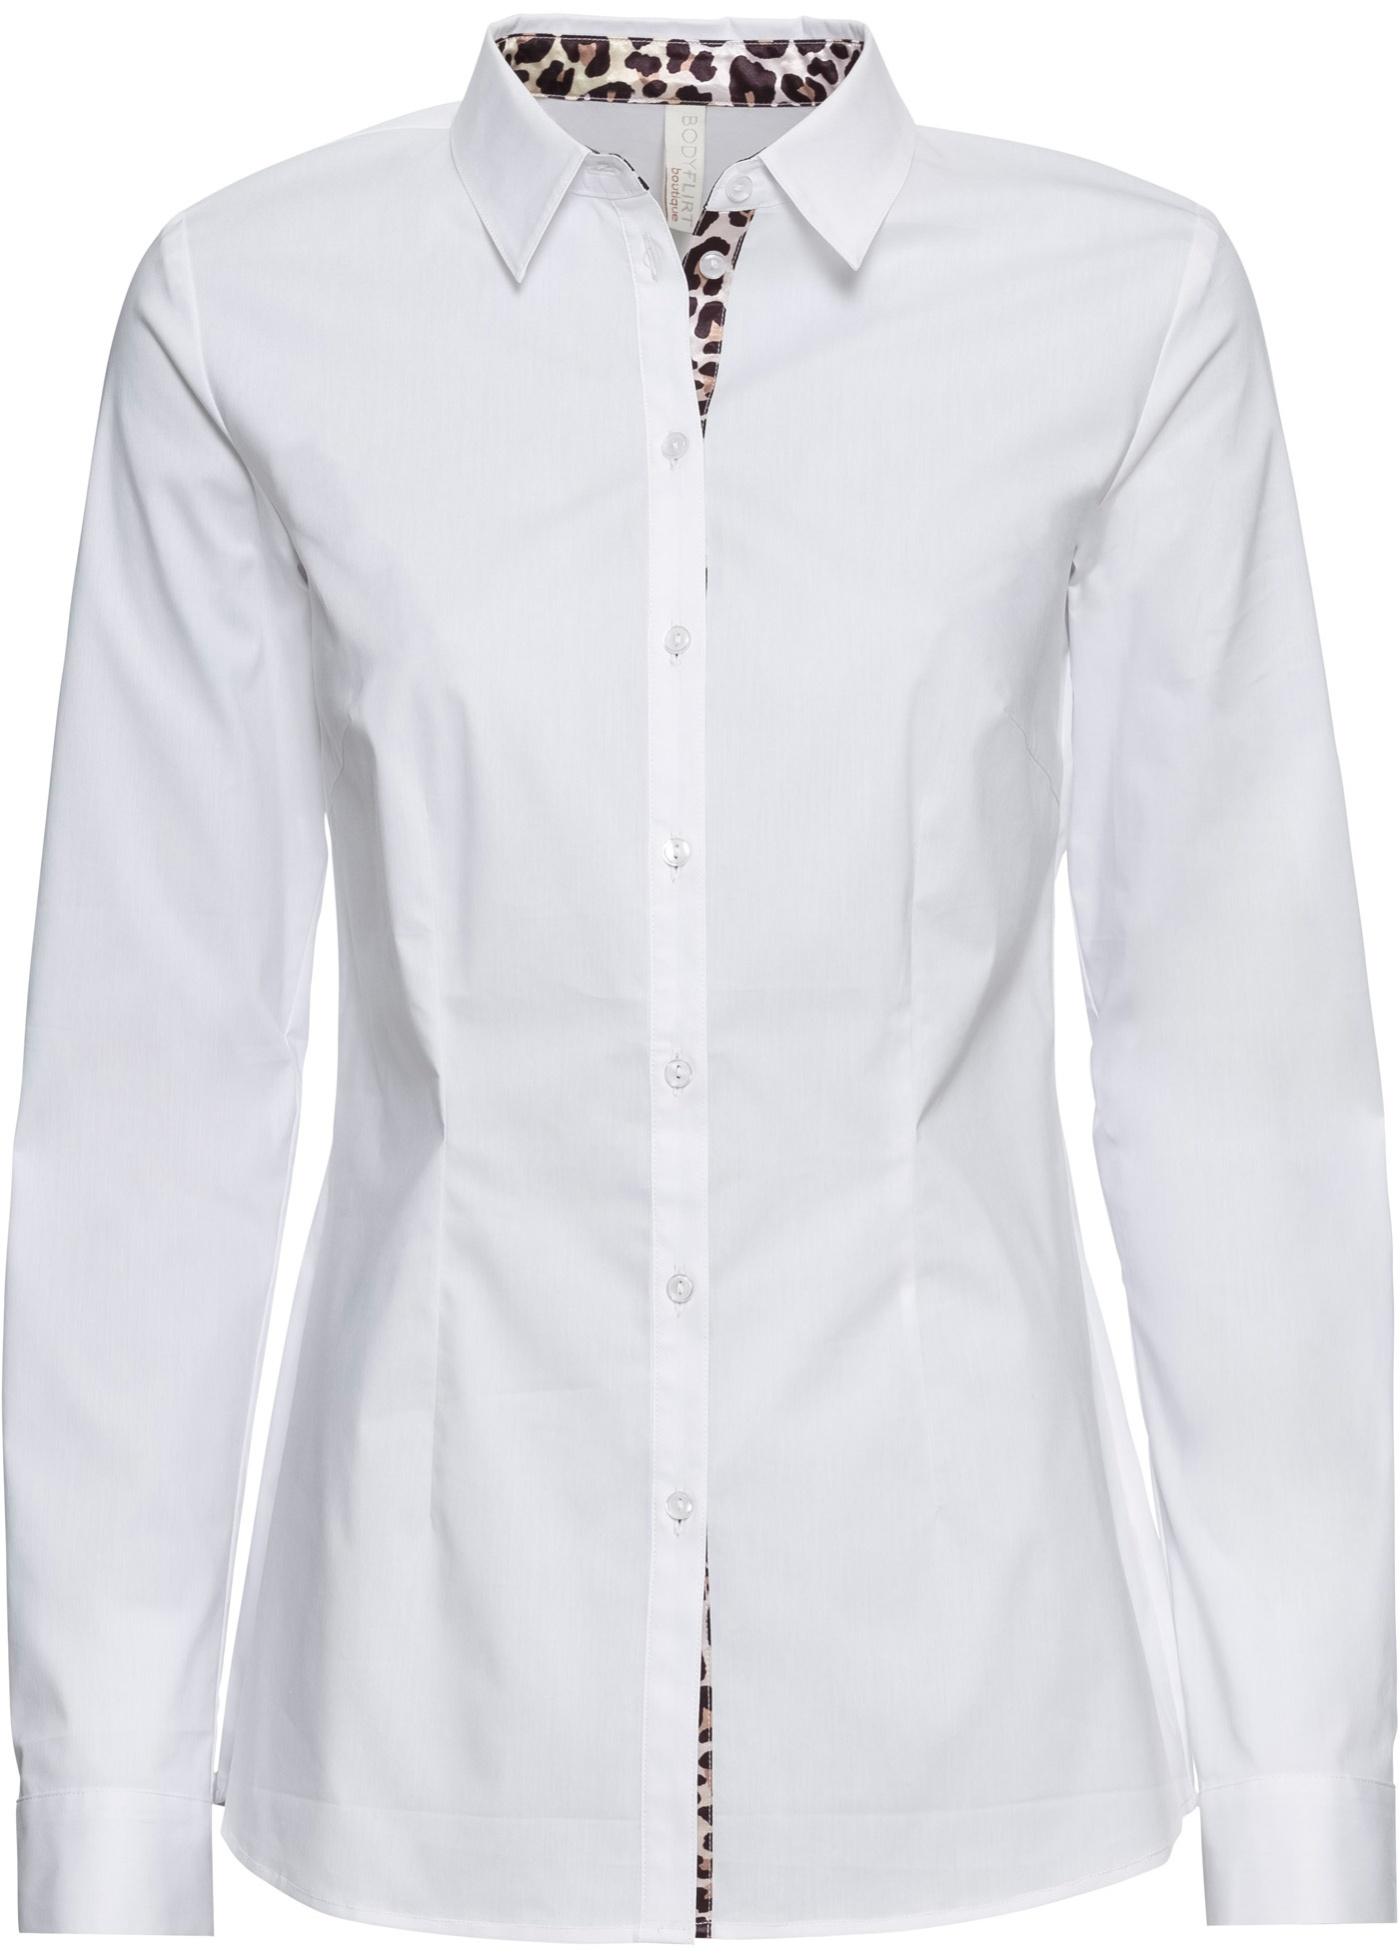 Camicetta con inserto leopardato (Bianco) - BODYFLIRT boutique